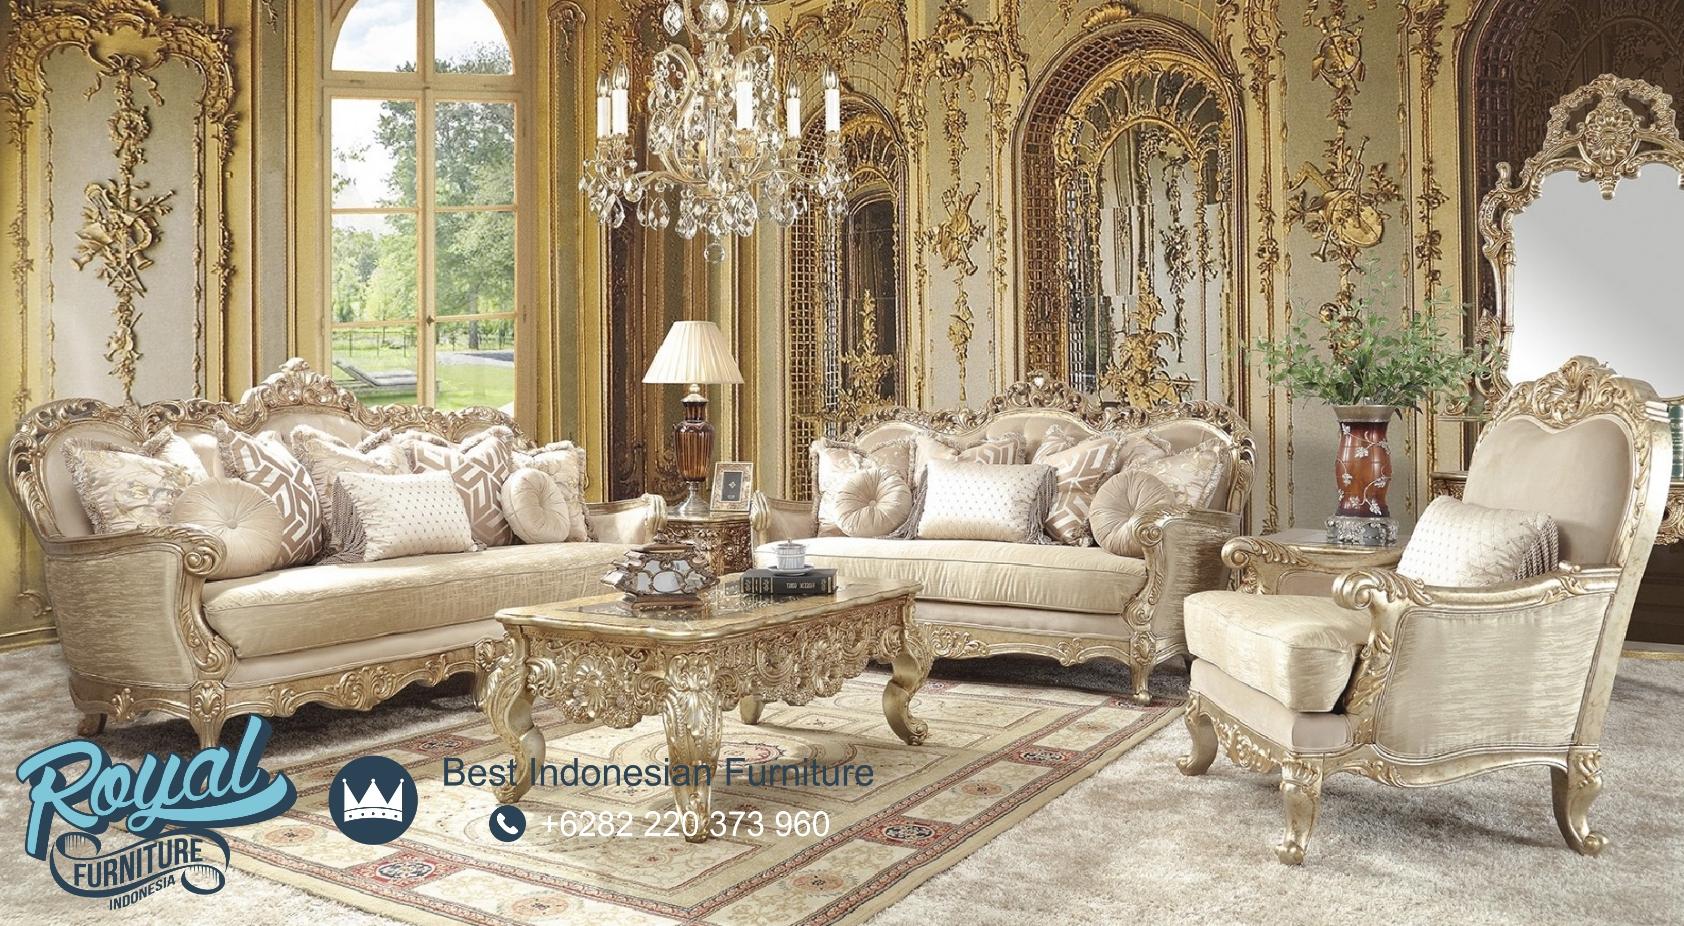 Sofa Ruang Tamu Mewah Victorian Style, sofa tamu mewah terbaru, sofa klasik mewah, sofa tamu jati jepara, sofa mewah kulit asli, sofa mewah modern, model sofa mewah dan elegan, sofa mewah minimalis terbaru, jual sofa mewah murah, harga sofa terbaru jati jepara, gambar sofa mewah, sofa ruang tamu mewah dan luas, sofa ruang tamu ukir jepara terbaru, kursi tamu jati jepara terbaru, sofa tamu klasik mewah, sofa tamu mewah, sofa ruang tamu terbaru, kursi ruang tamu mewah, sofa mewah modern, sofa ruang tamu kecil, sofa ruang tamu elegan, desain sofa ruang tamu klasik eropa, toko furniture jepara, jual furniture jati jepara, mebel jepara terbaru, royal furniture